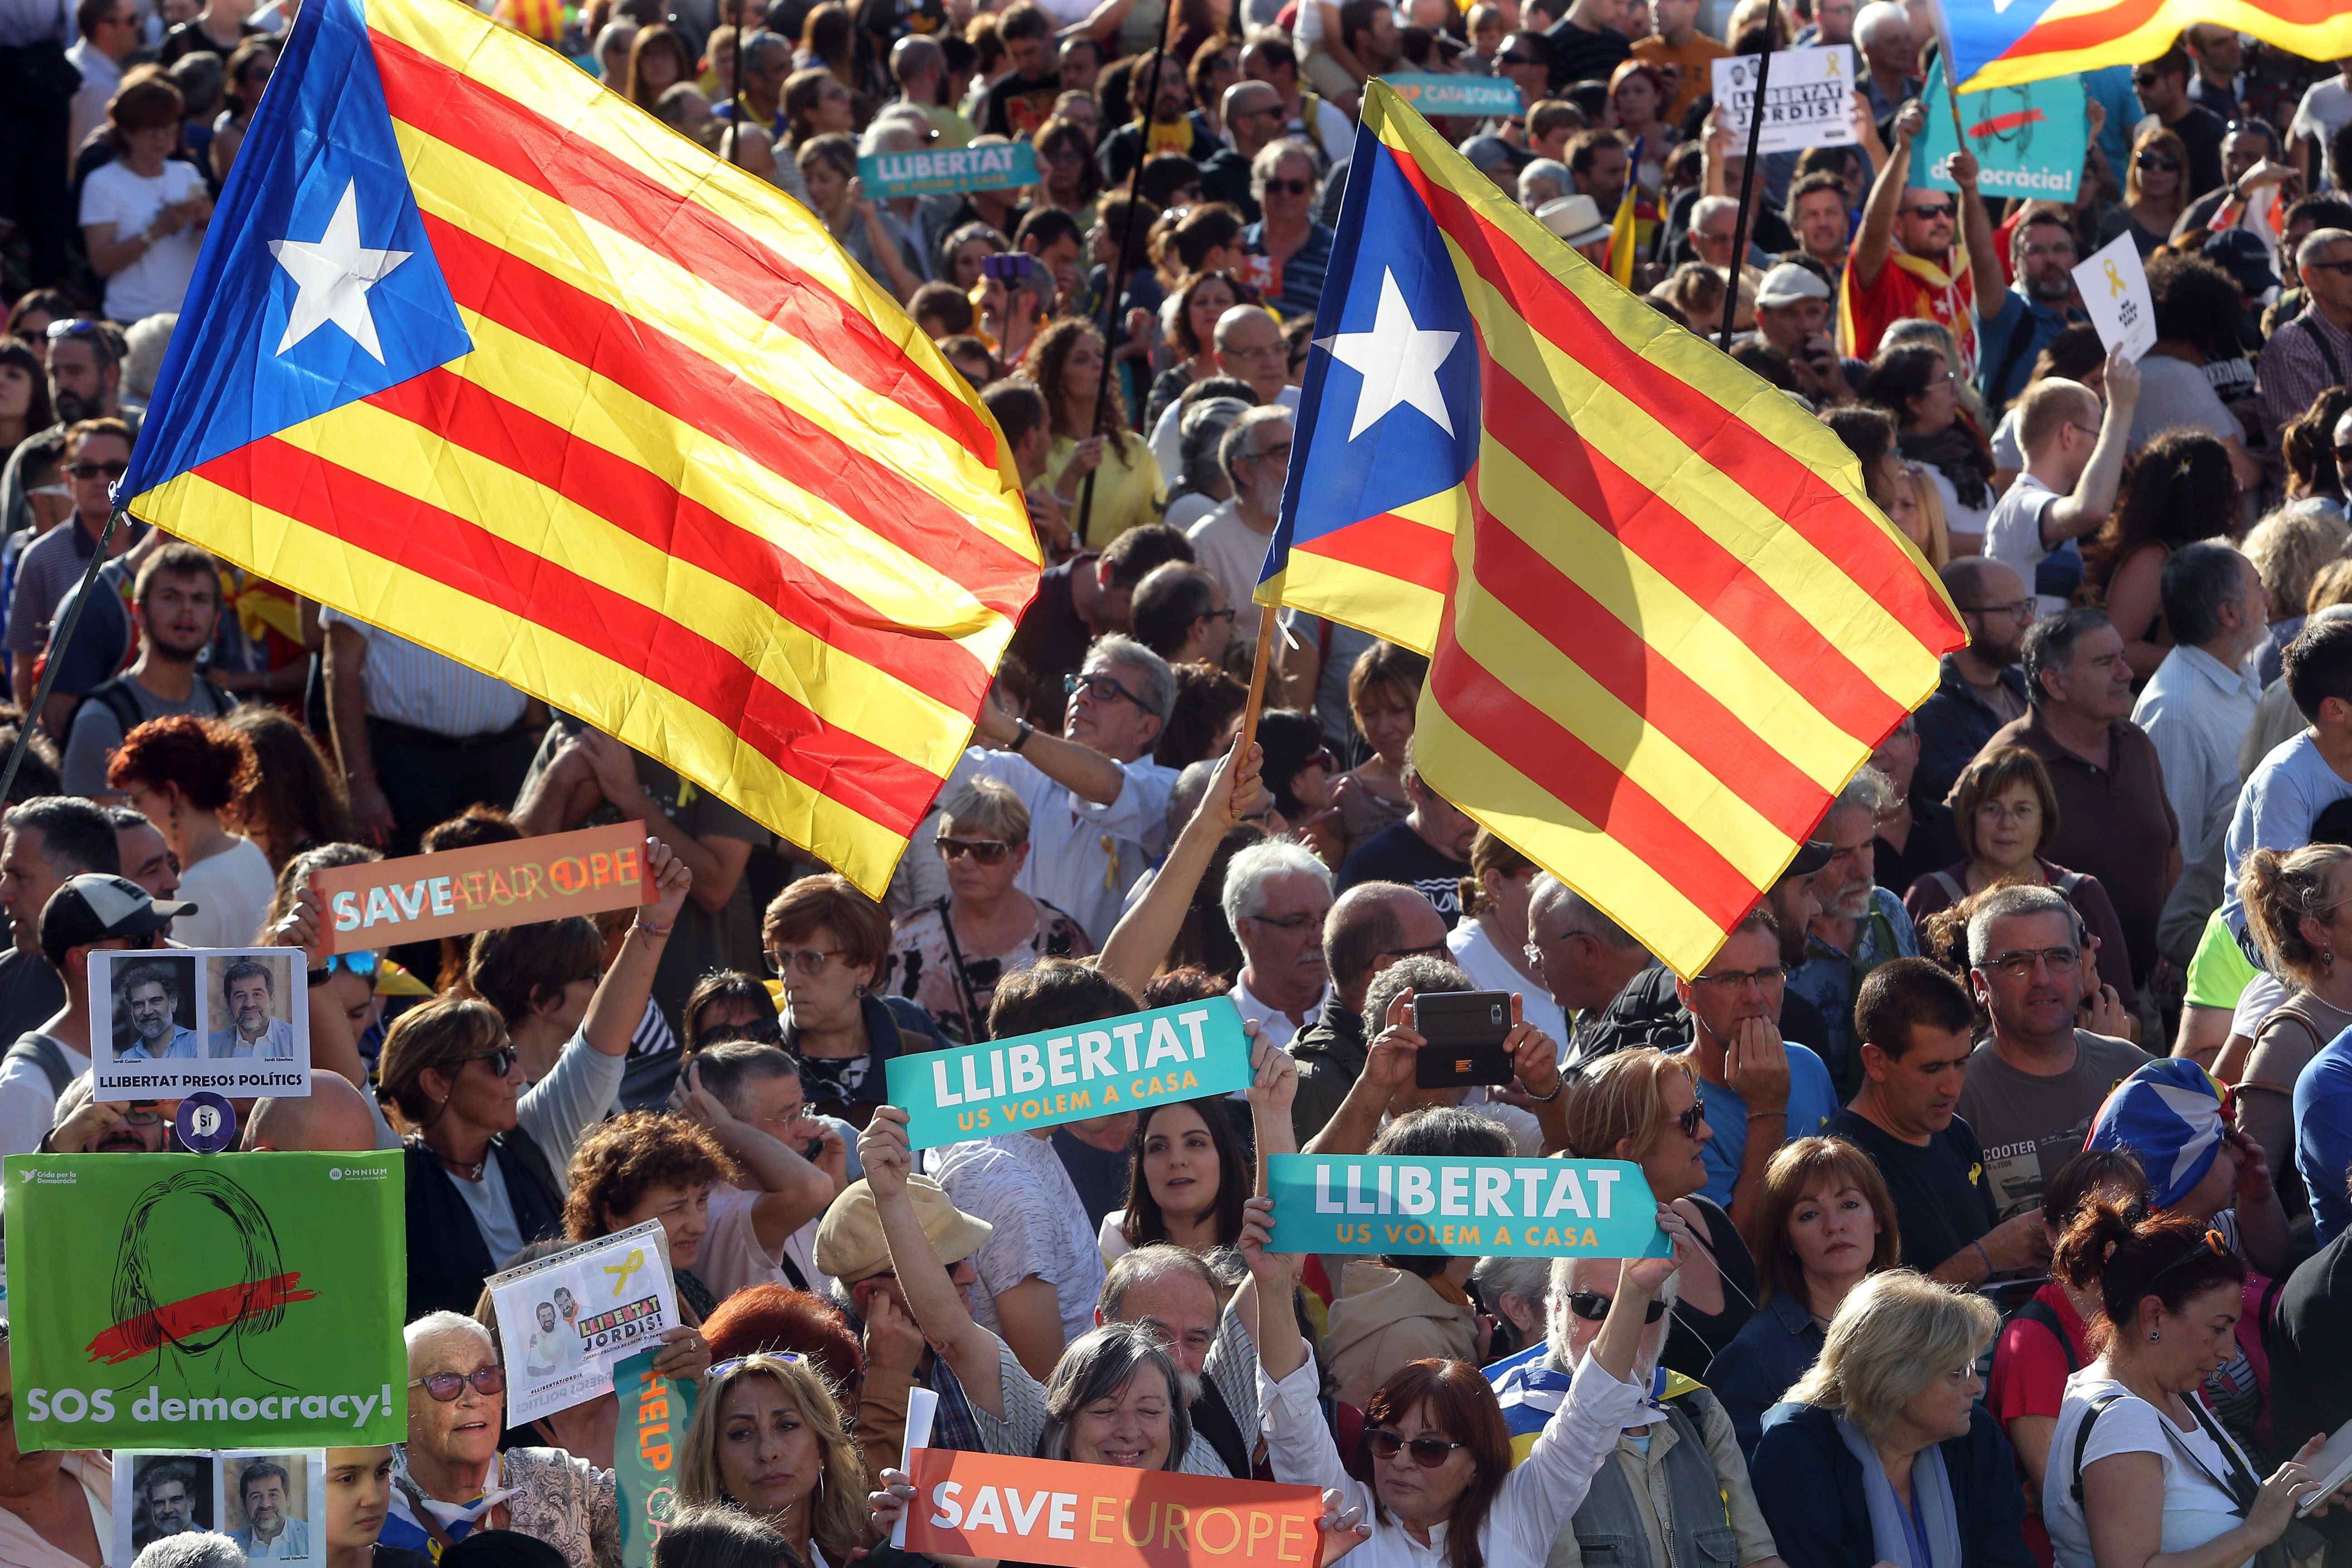 Демонстрантите искат и освобождаването от ареста на лидерите на Национална каталунска асамблея и Омниум куртурал Жорди Санчес и Жорди Куишарт.